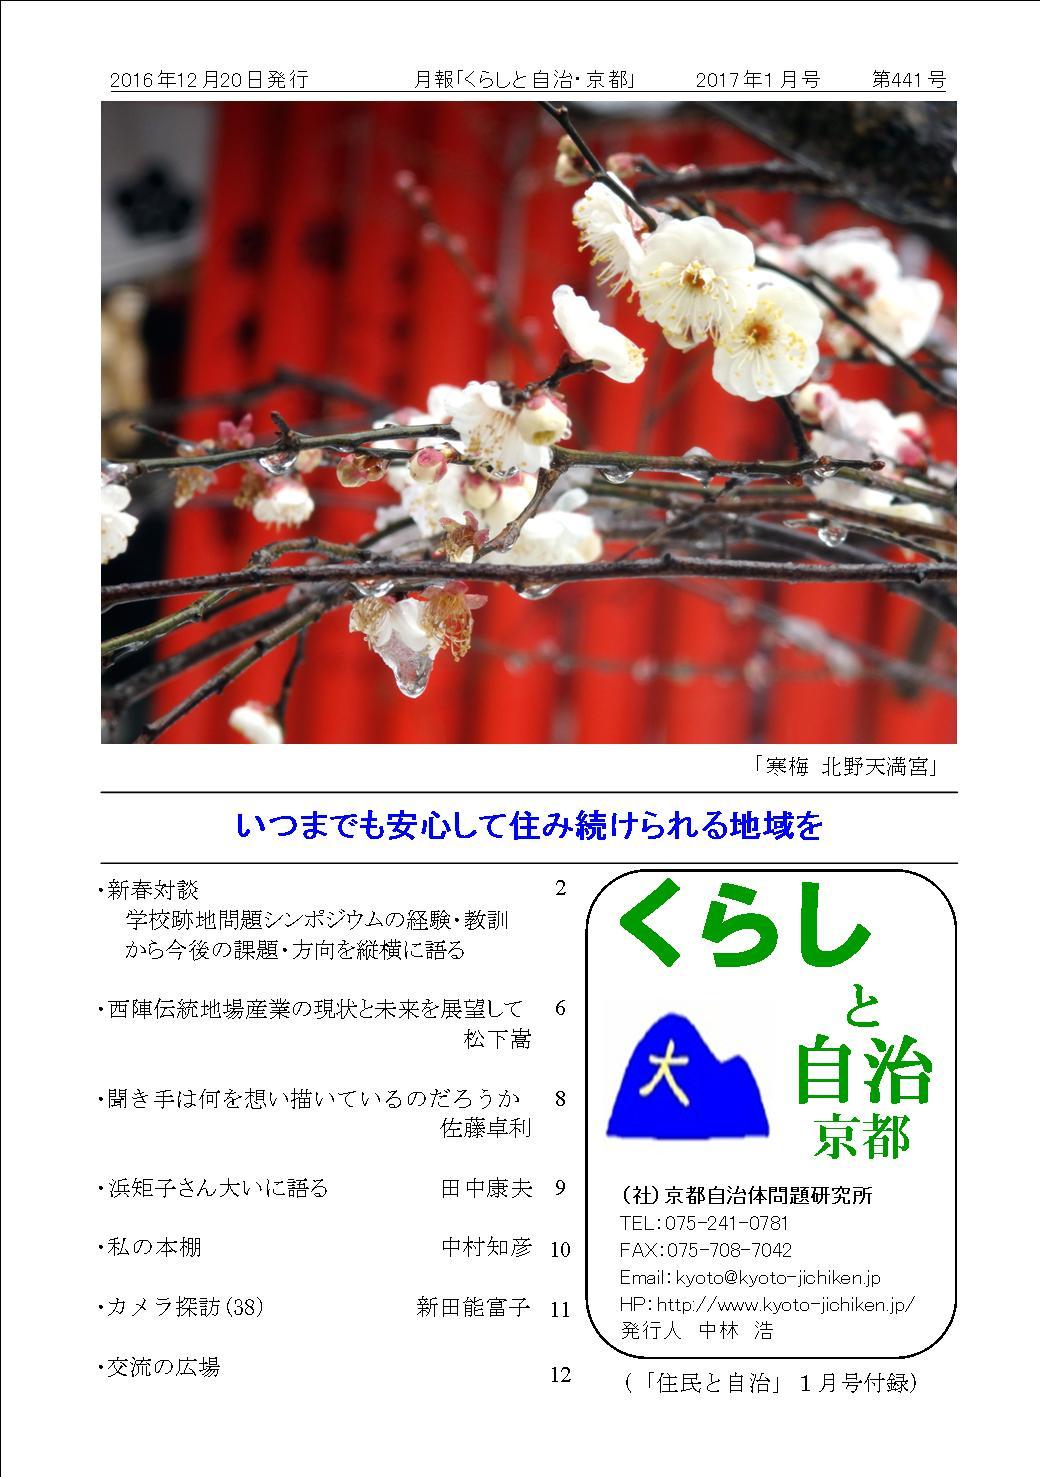 月報「くらしと自治・京都」2015年01月号 第441号